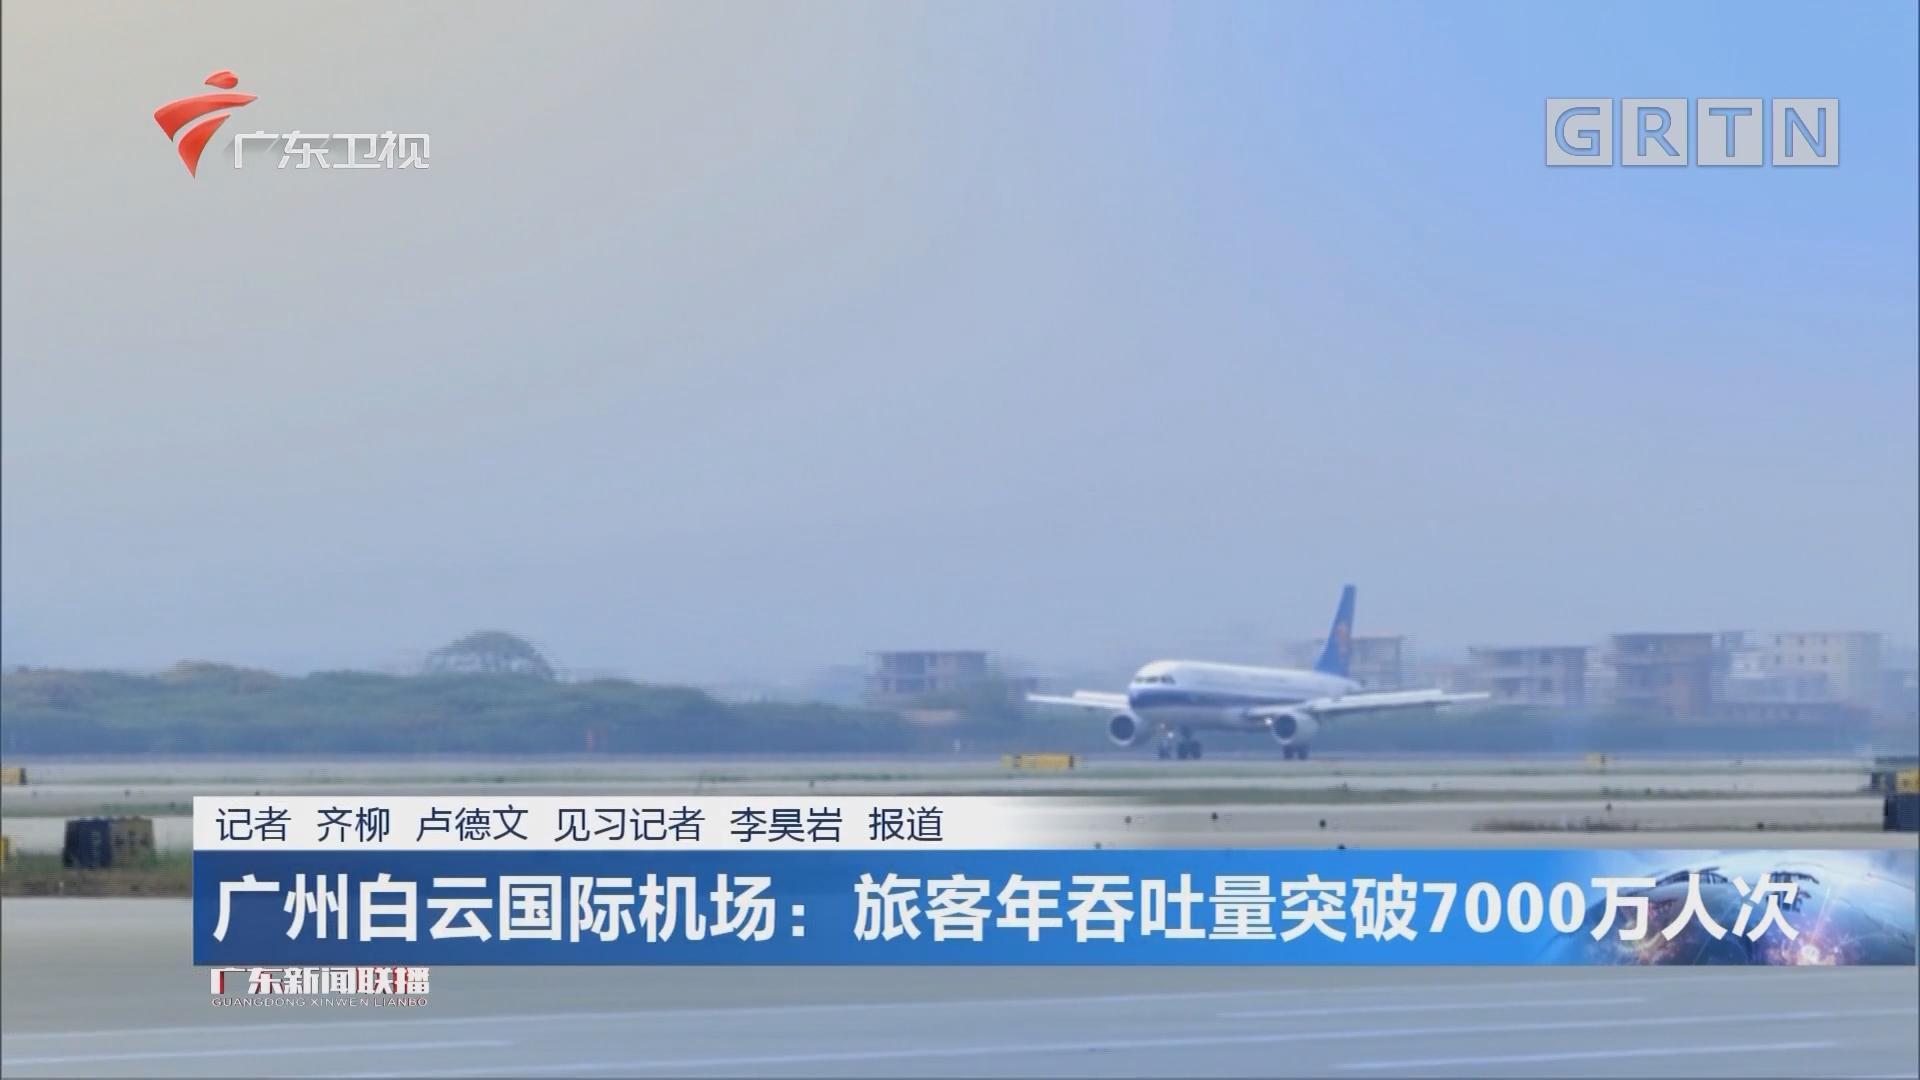 广州白云国际机场:旅客年吞吐量突破7000万人次